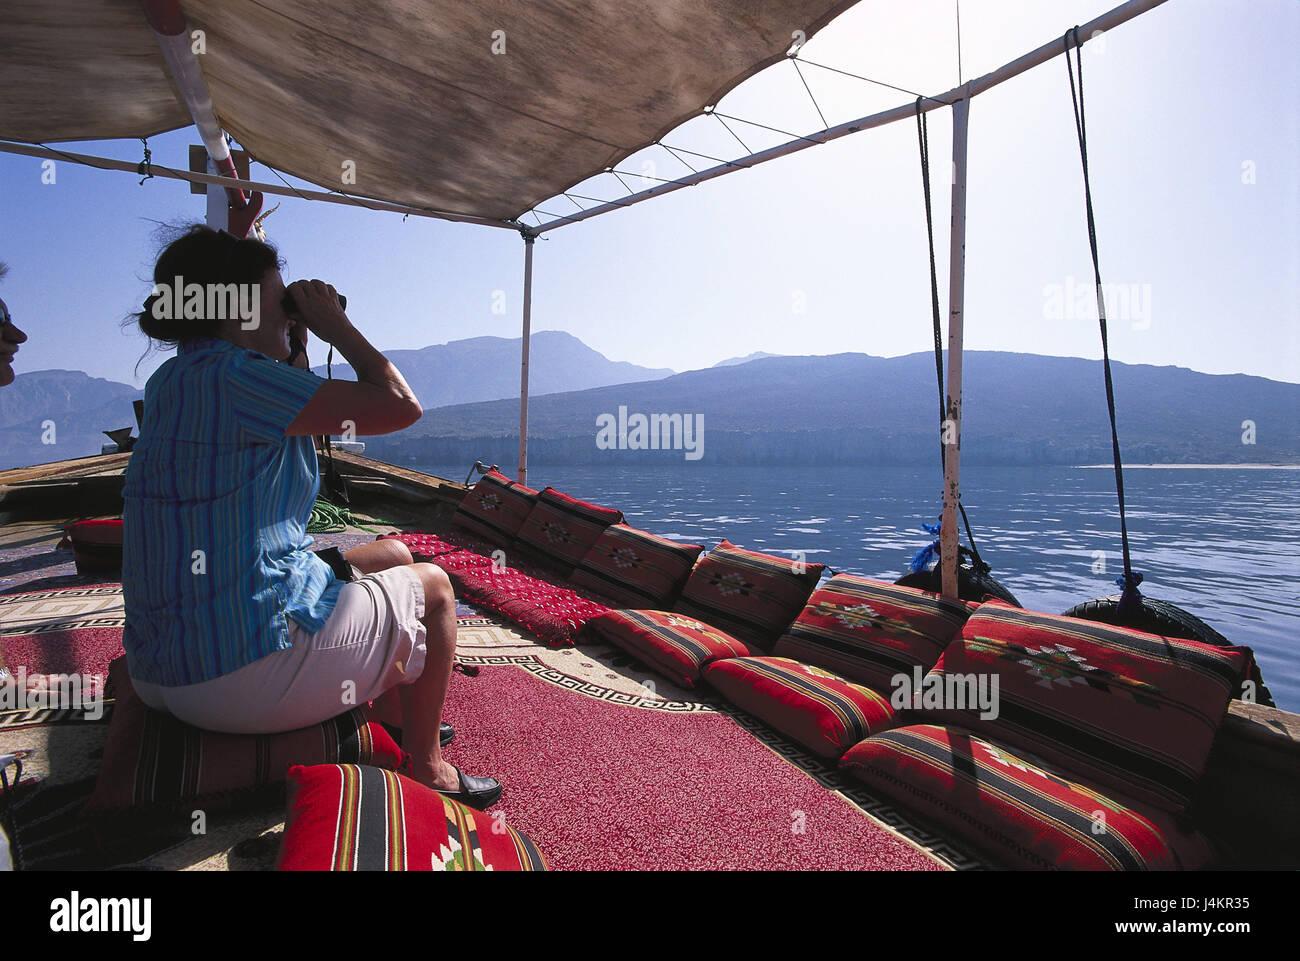 Oman halbinsel musandam meerenge detroit d ormuz urlaub schiff